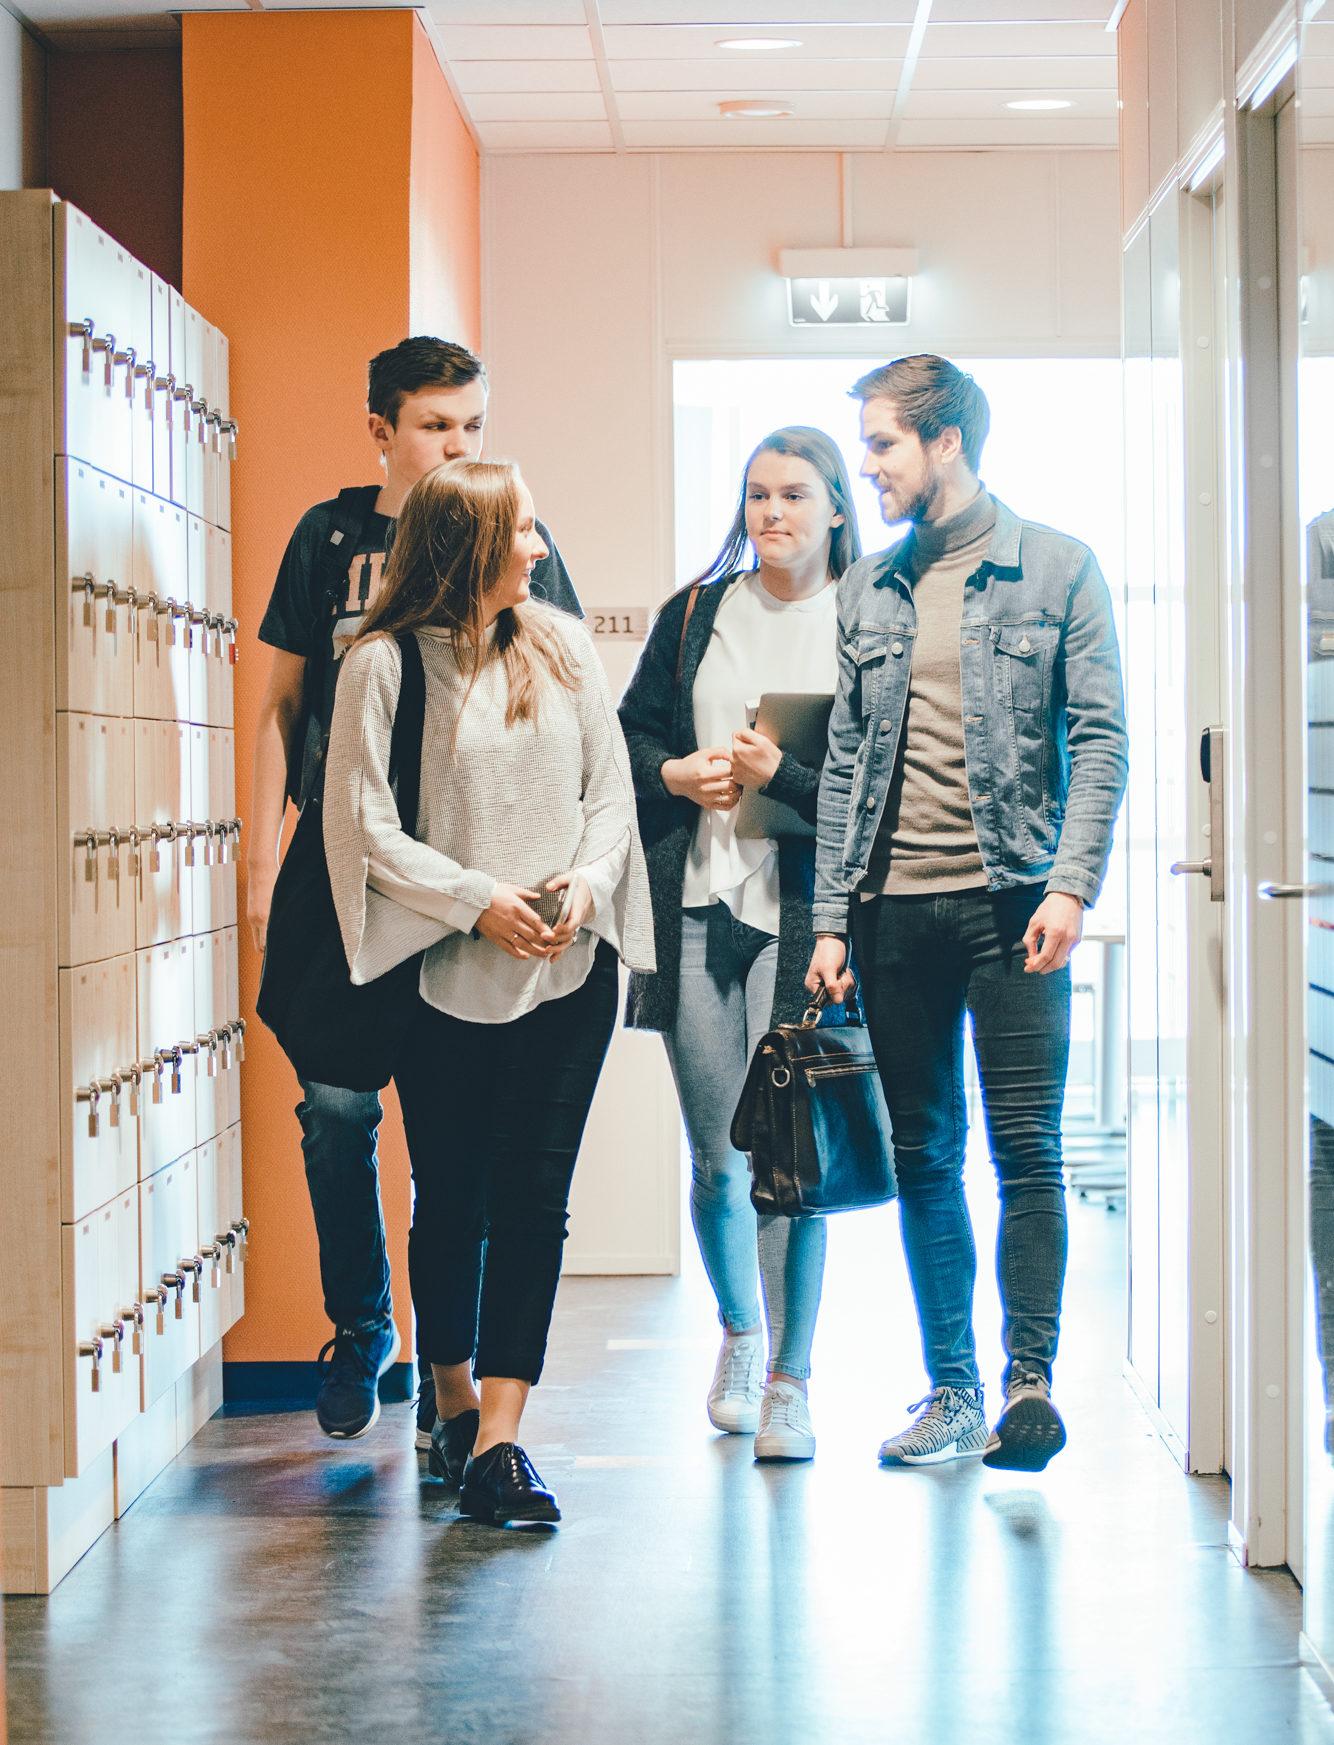 Fire elever som går i skolegangen. Foto.